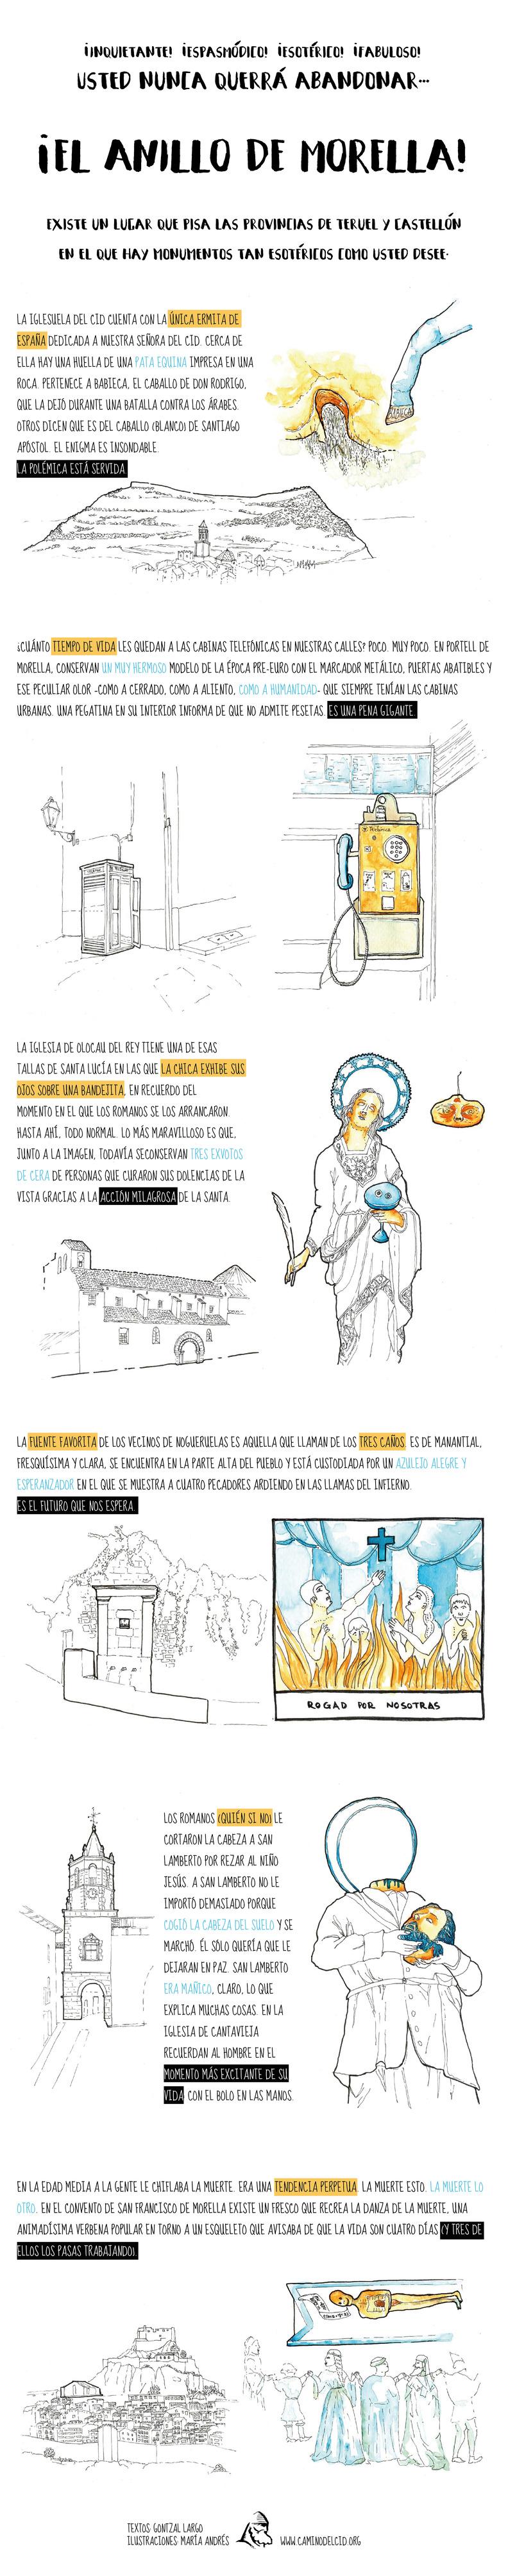 El Anillo de Morella, por Gontzal Largo